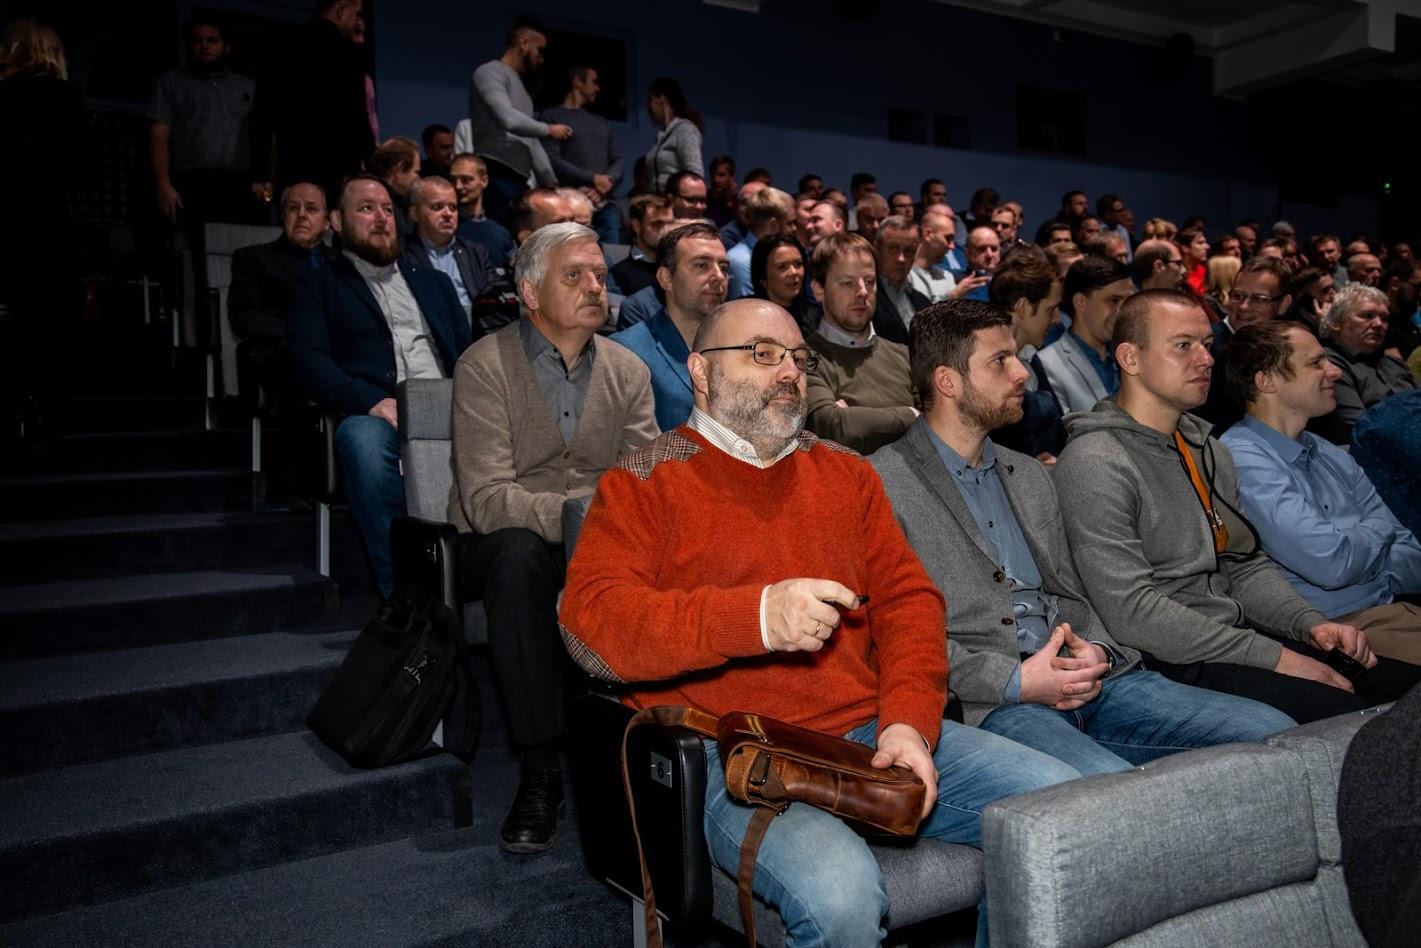 03.12.19 toimus Teehoiutööd 2019 konverents